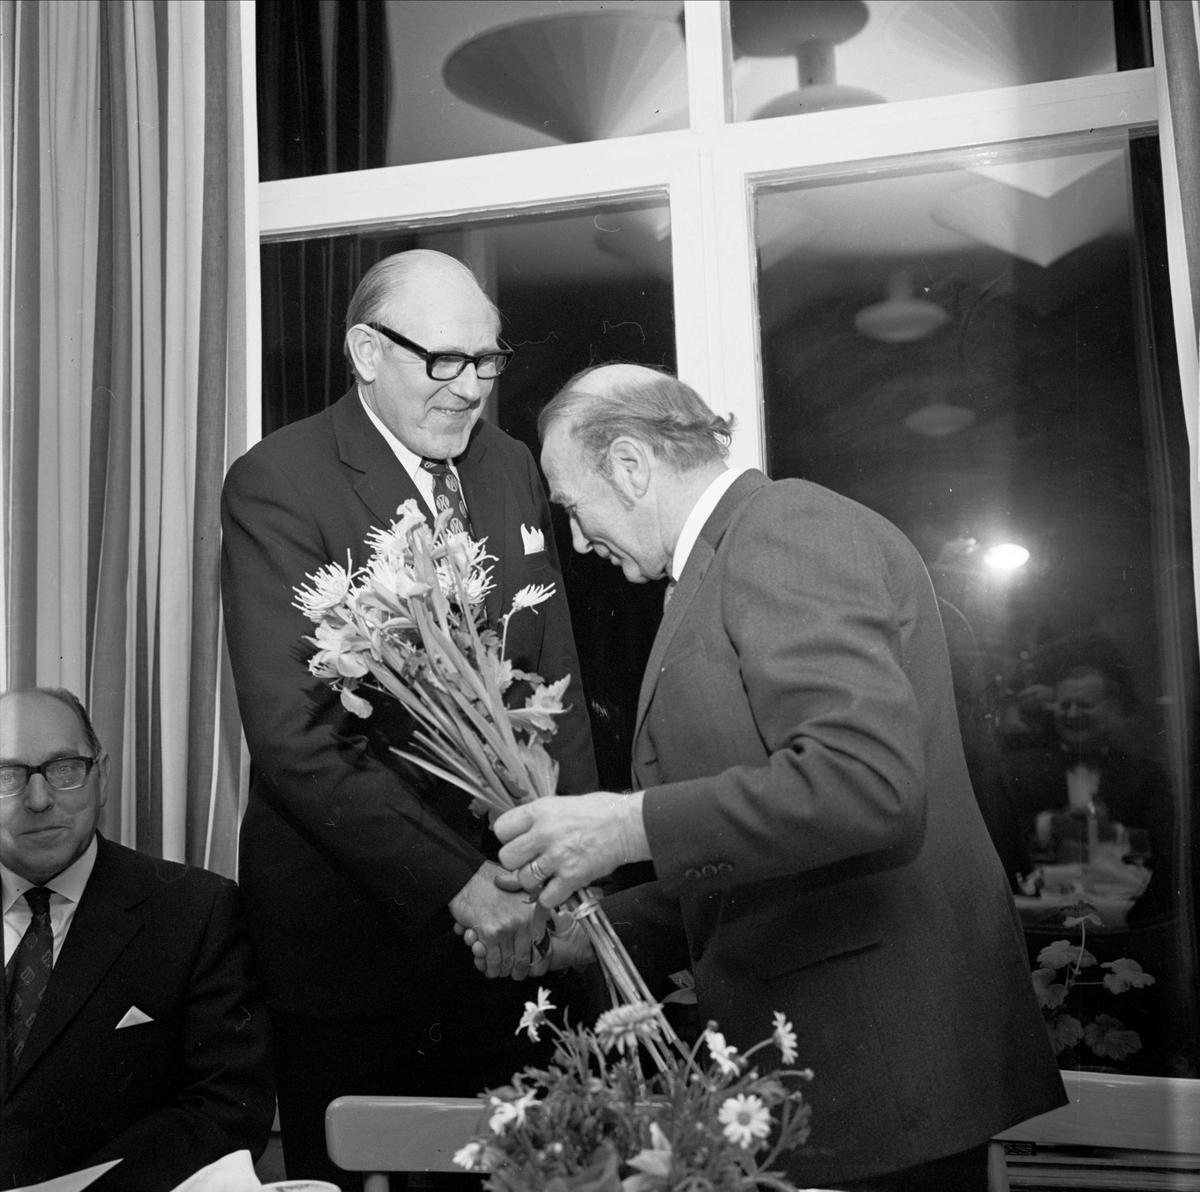 25-årsjubileum vid Tierps sjukhus, Tierp, Uppland 1972